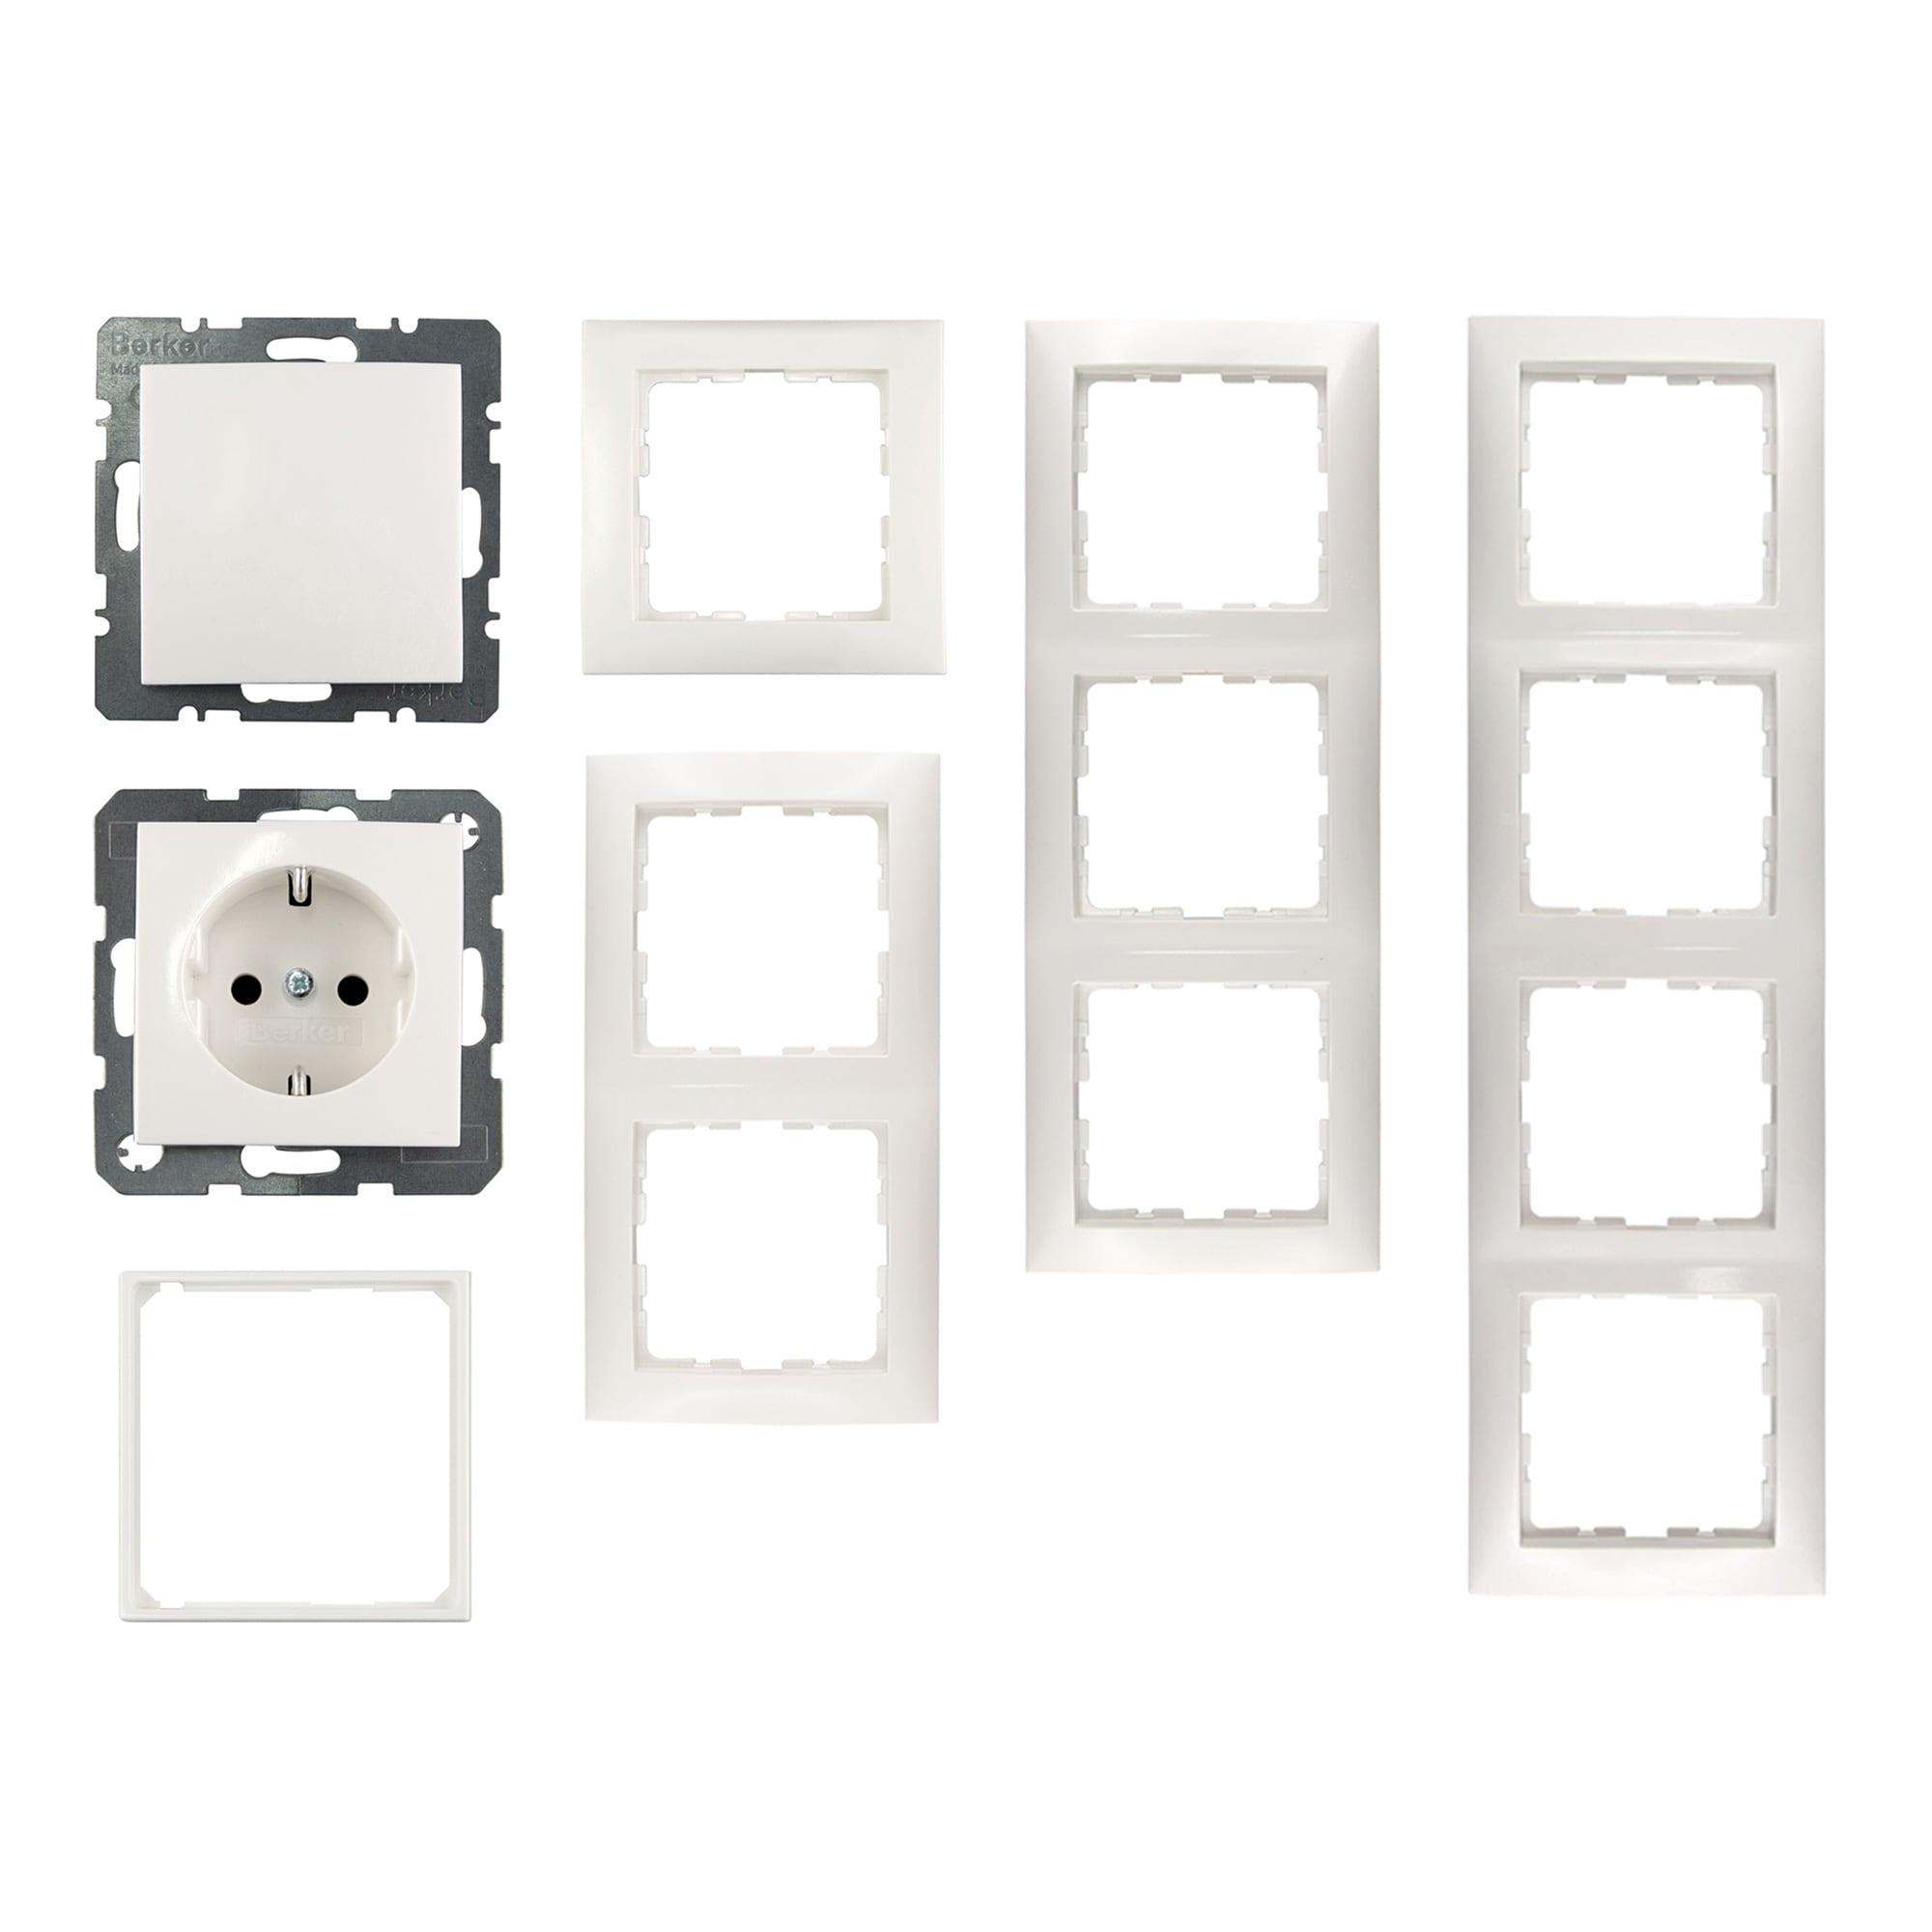 berker s1 rahmen steckdose schalter taster. Black Bedroom Furniture Sets. Home Design Ideas